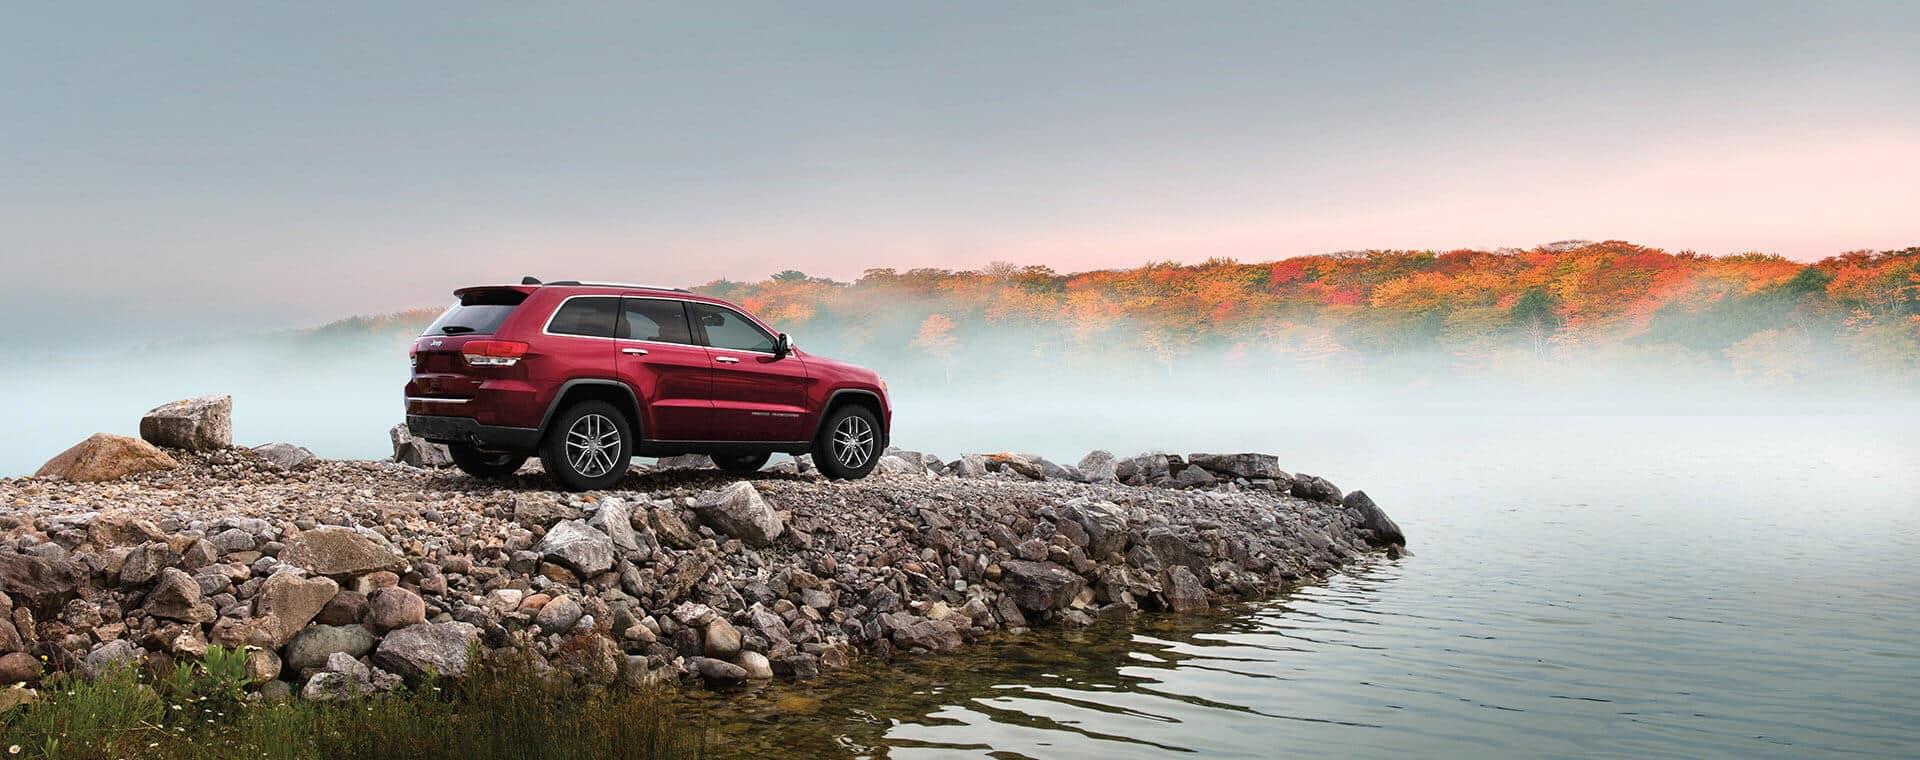 UnJeep Grand Cherokee Limited4x42021 estacionado en un espigón rocoso junto a un lago.